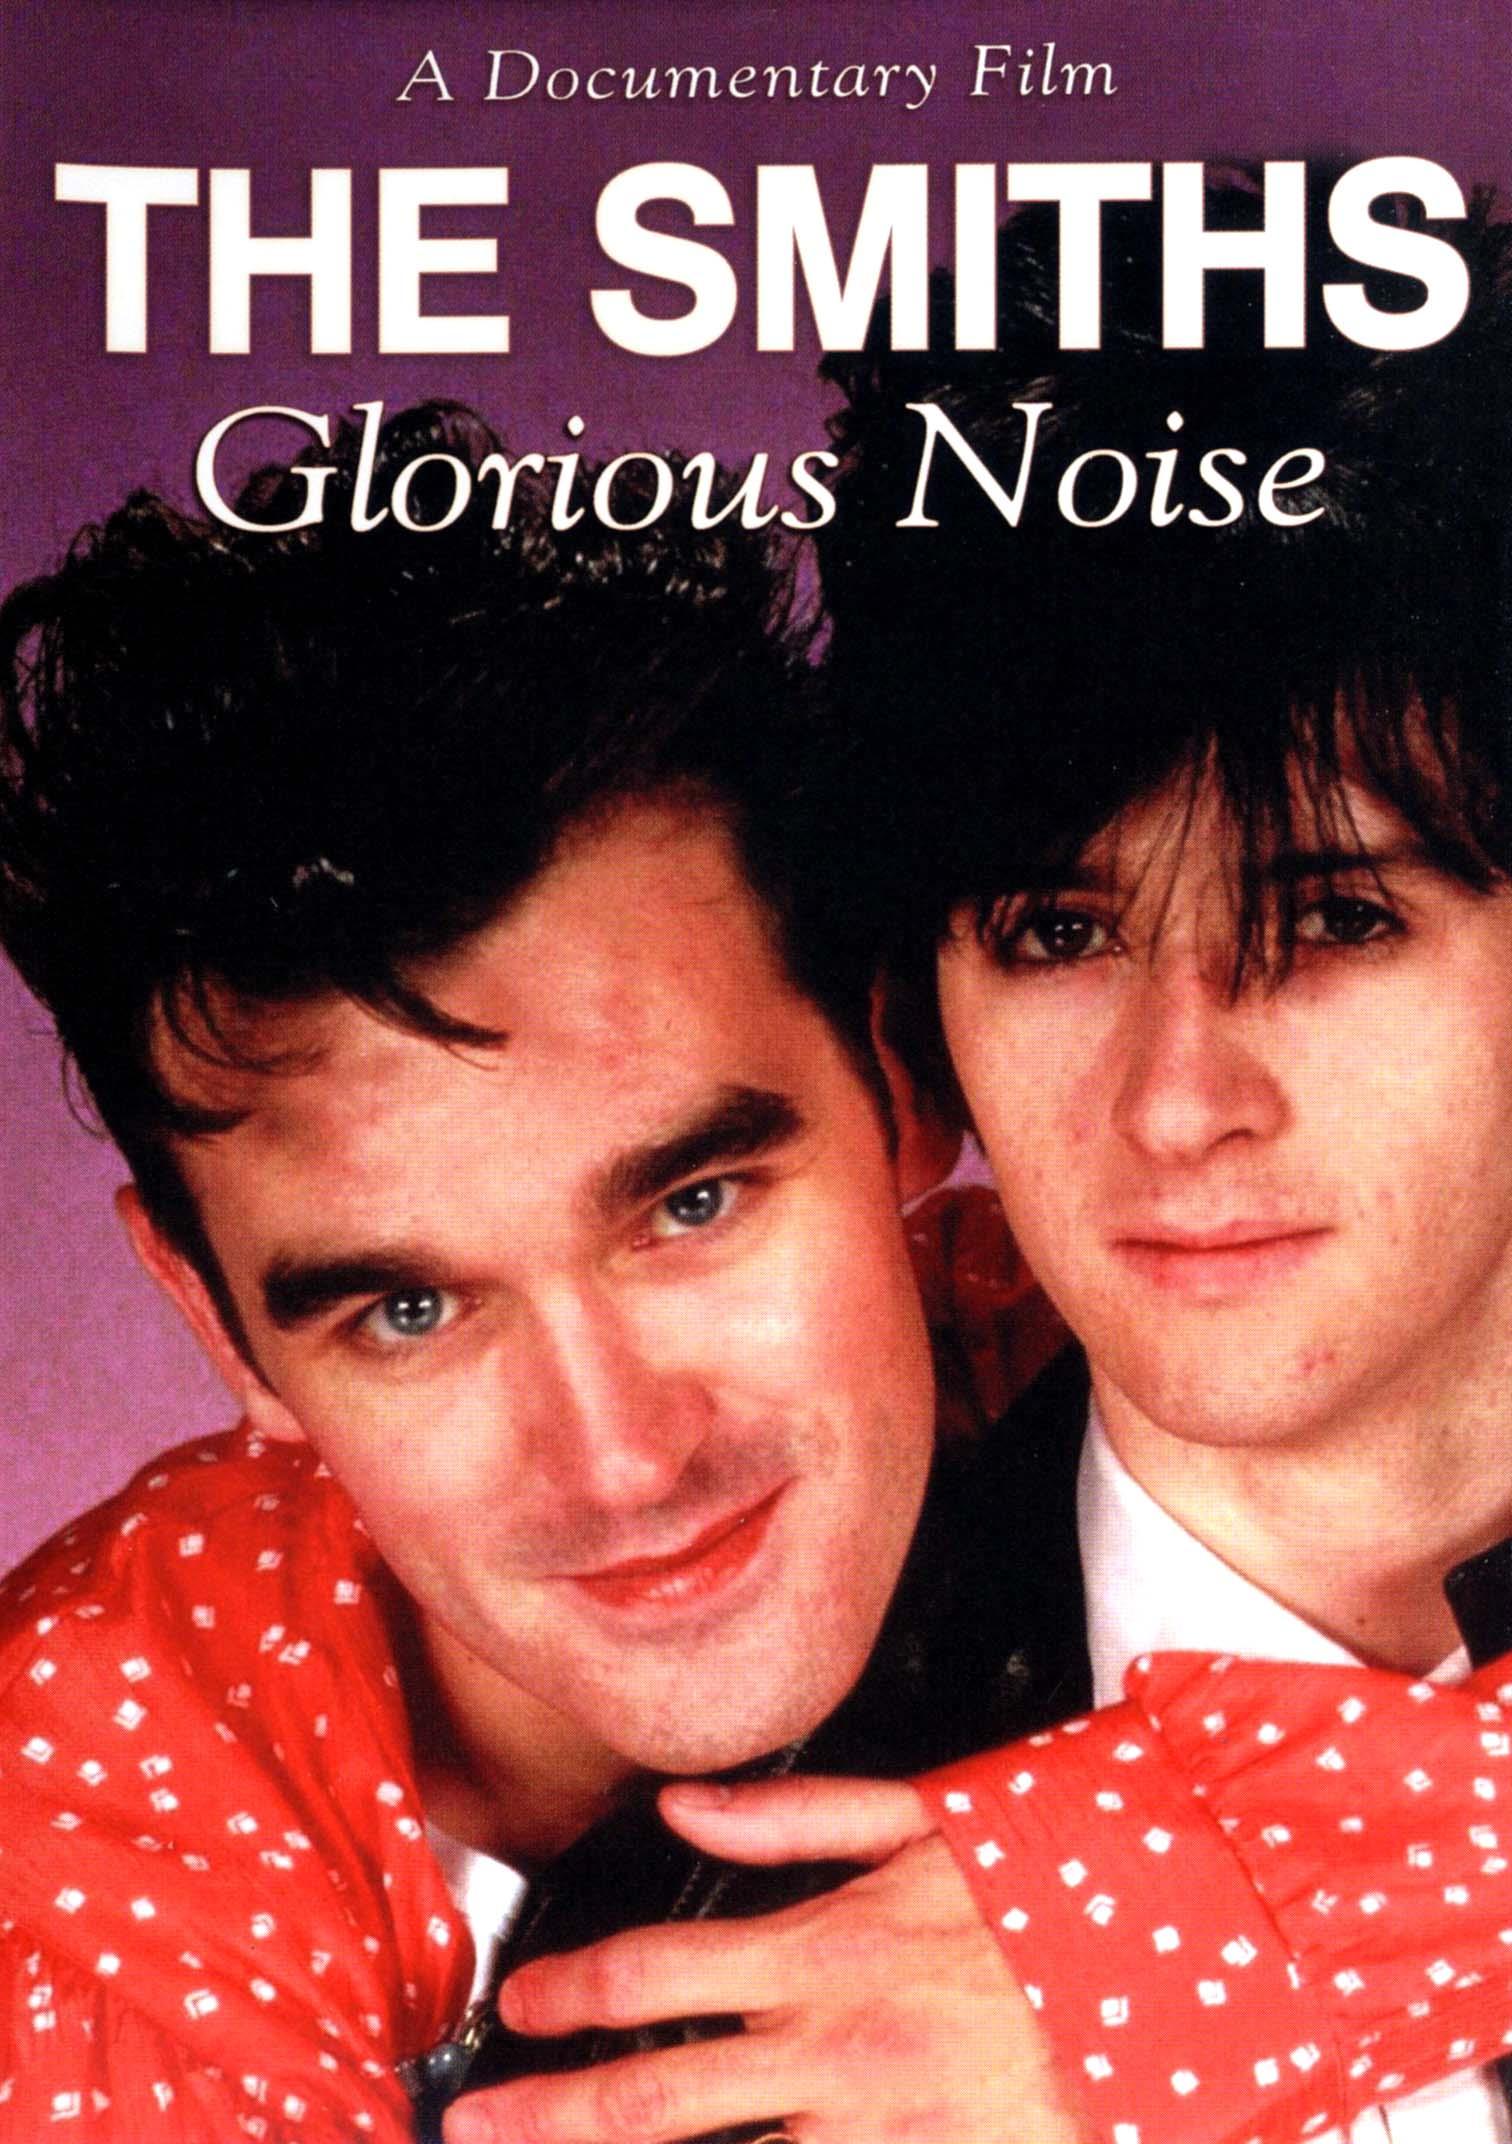 The Smiths: Glorious Noise